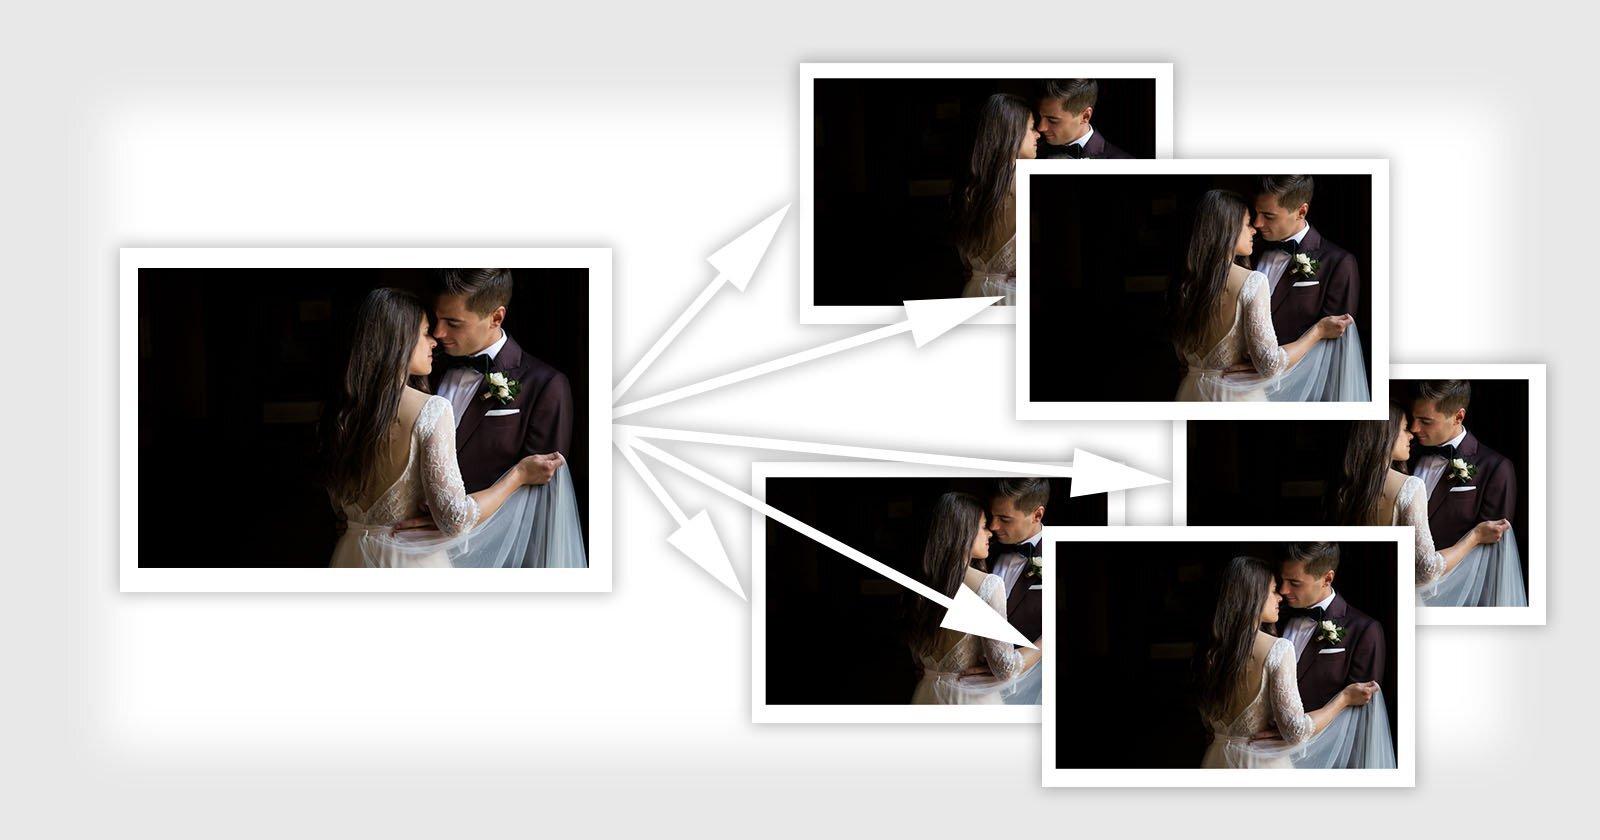 Nhiếp ảnh gia chụp cưới hướng dẫn cách sao lưu ảnh không đánh mất một khoảnh khắc quan trọng nào